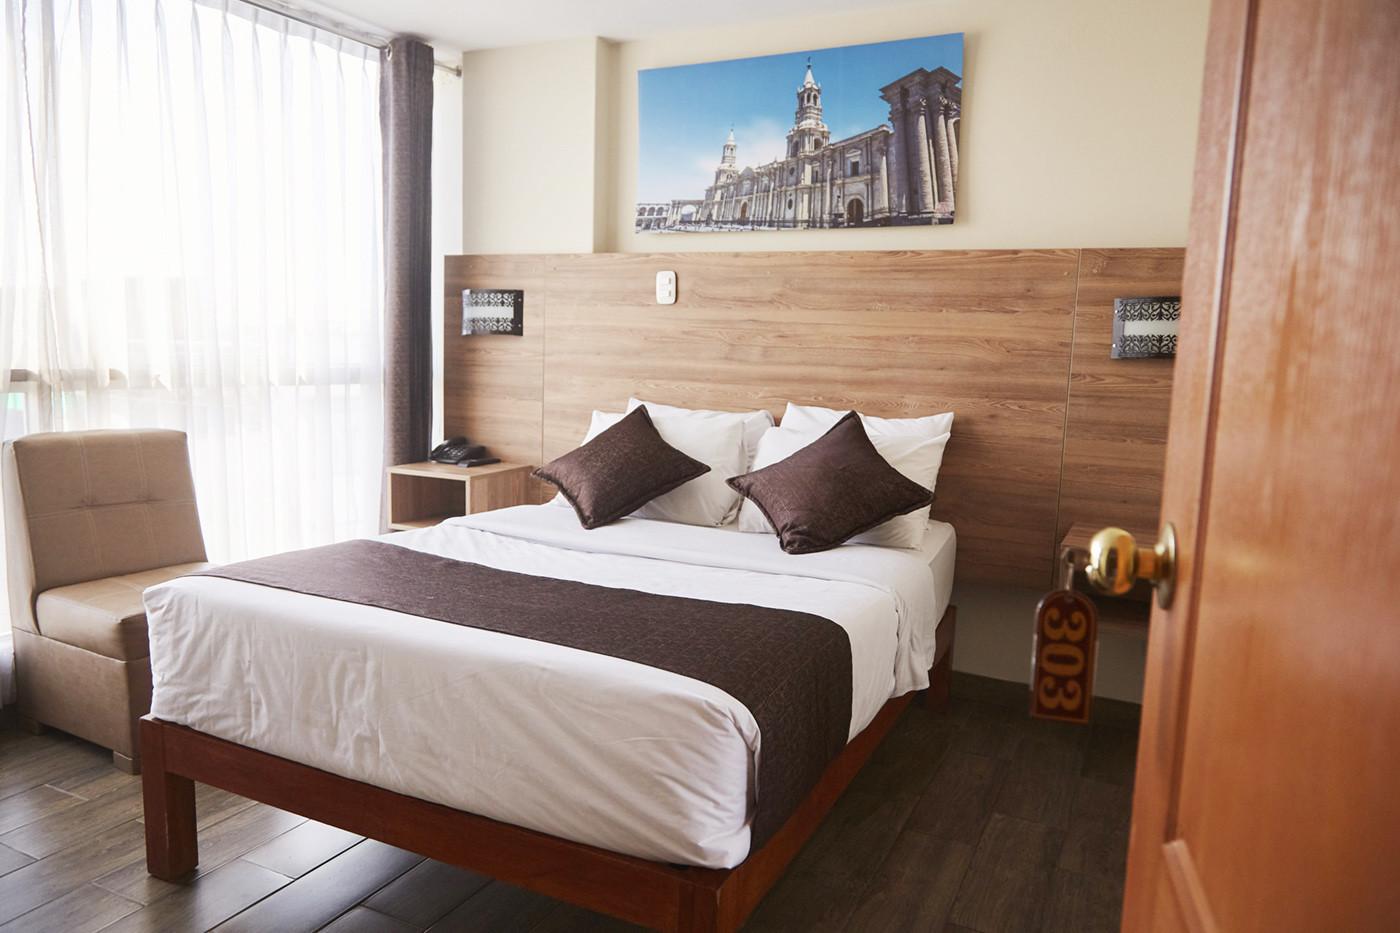 Unser Zimmer im Hotel Terramistico Monasterio in Arequipa Peru